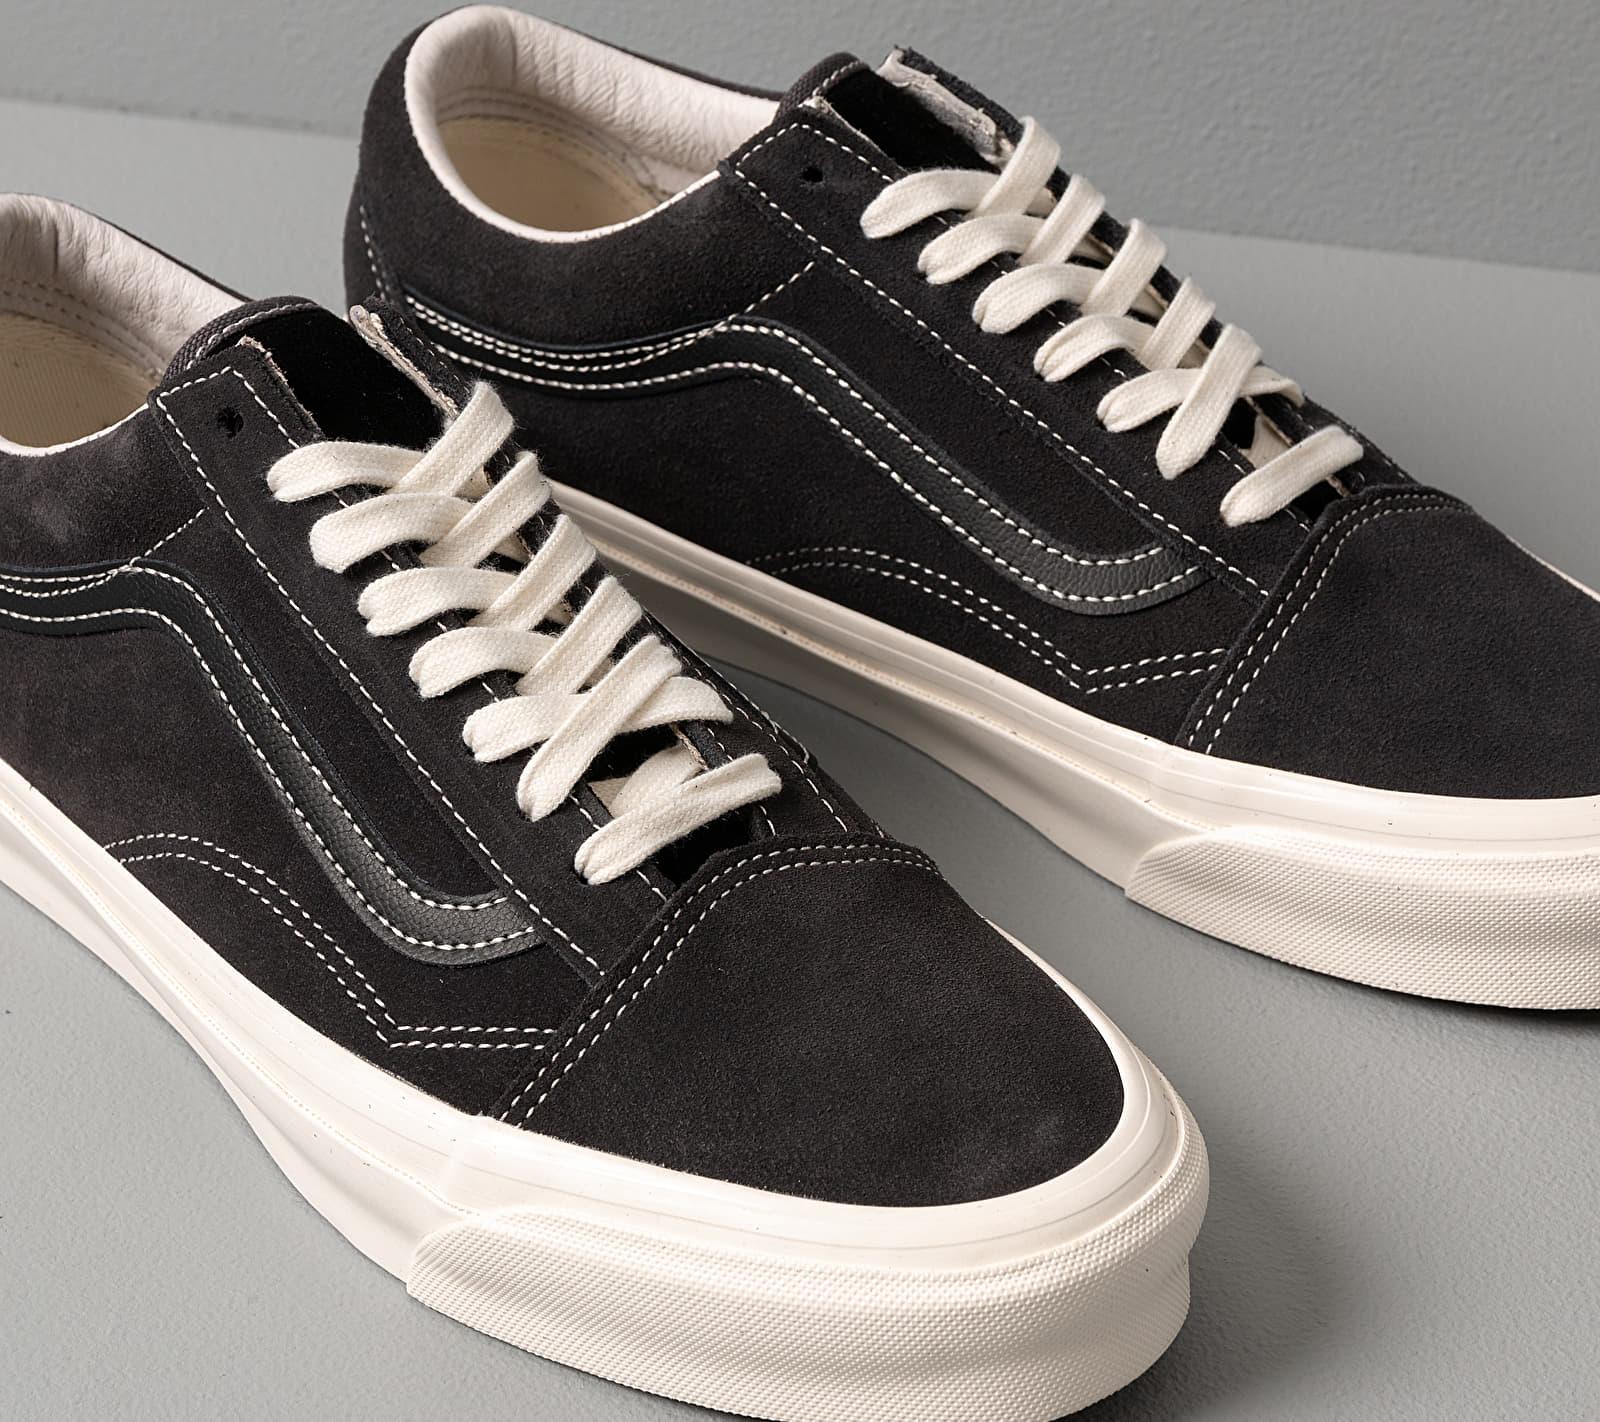 Vans OG Old Skool LX (Suede) Asphalt, Black